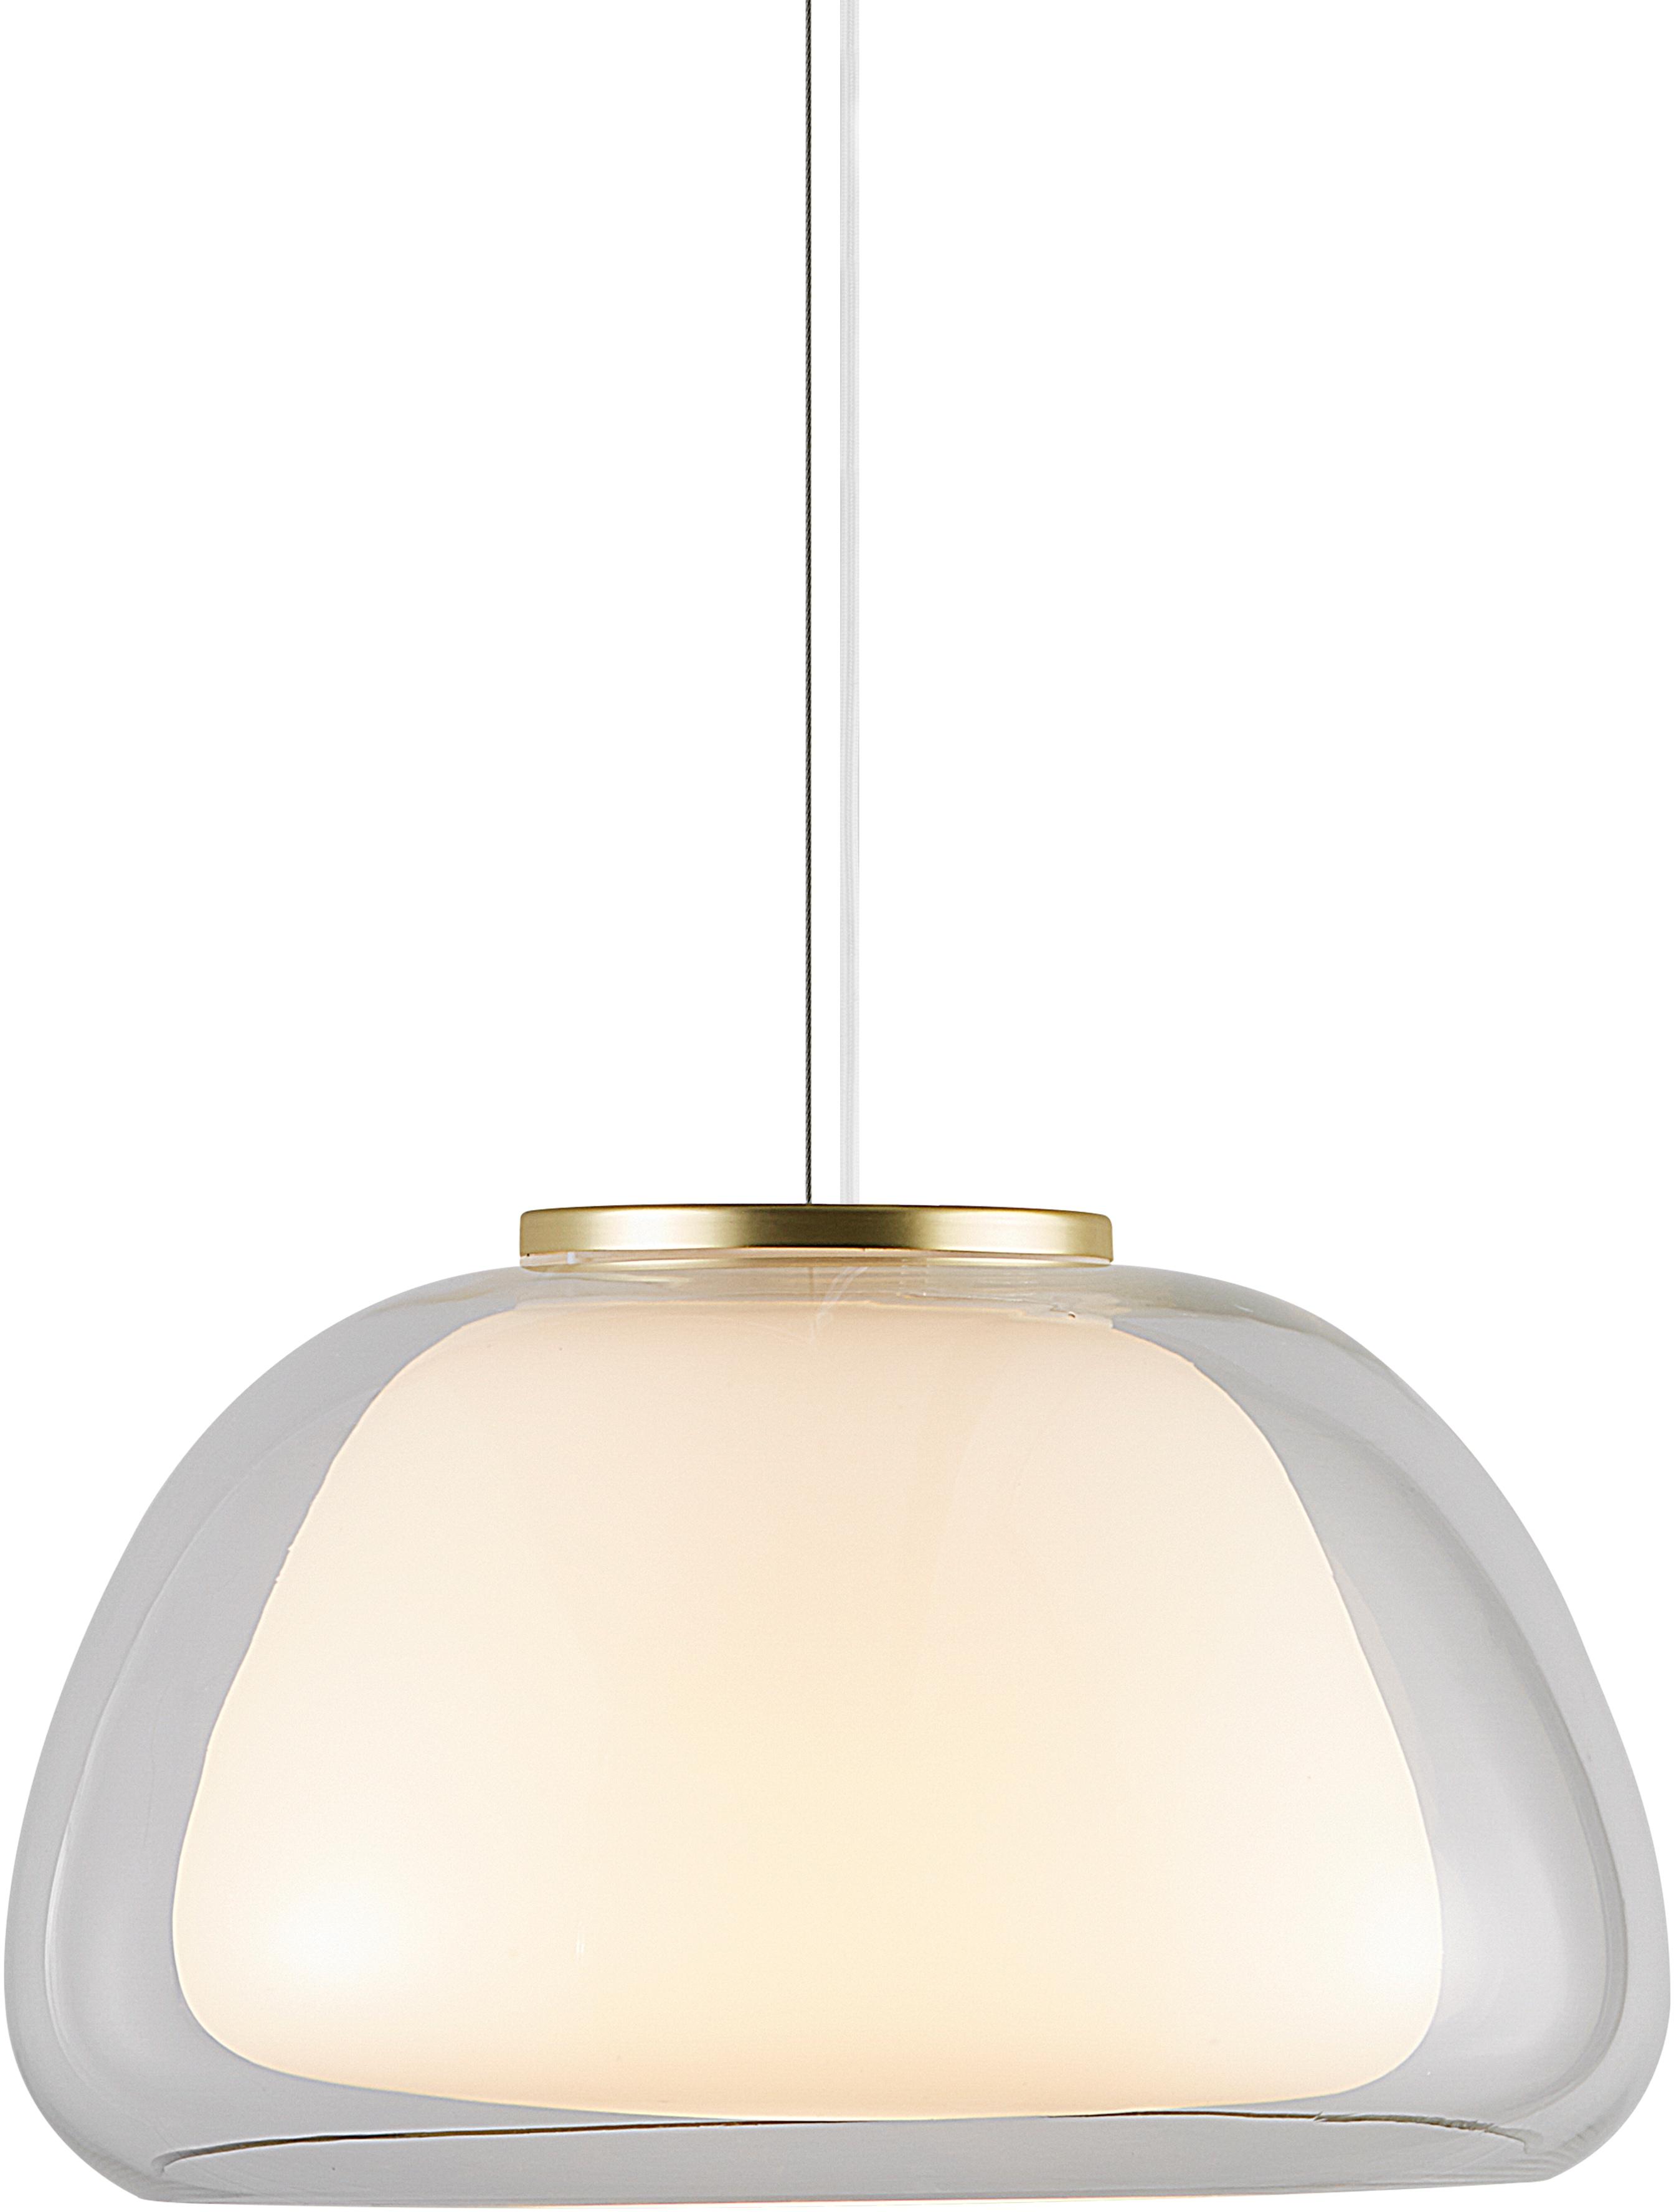 Nordlux Pendelleuchte JELLY, E27, Hängeleuchte, Messing Applikation, Opal Glas mundgeblasen, höhenverstellbar